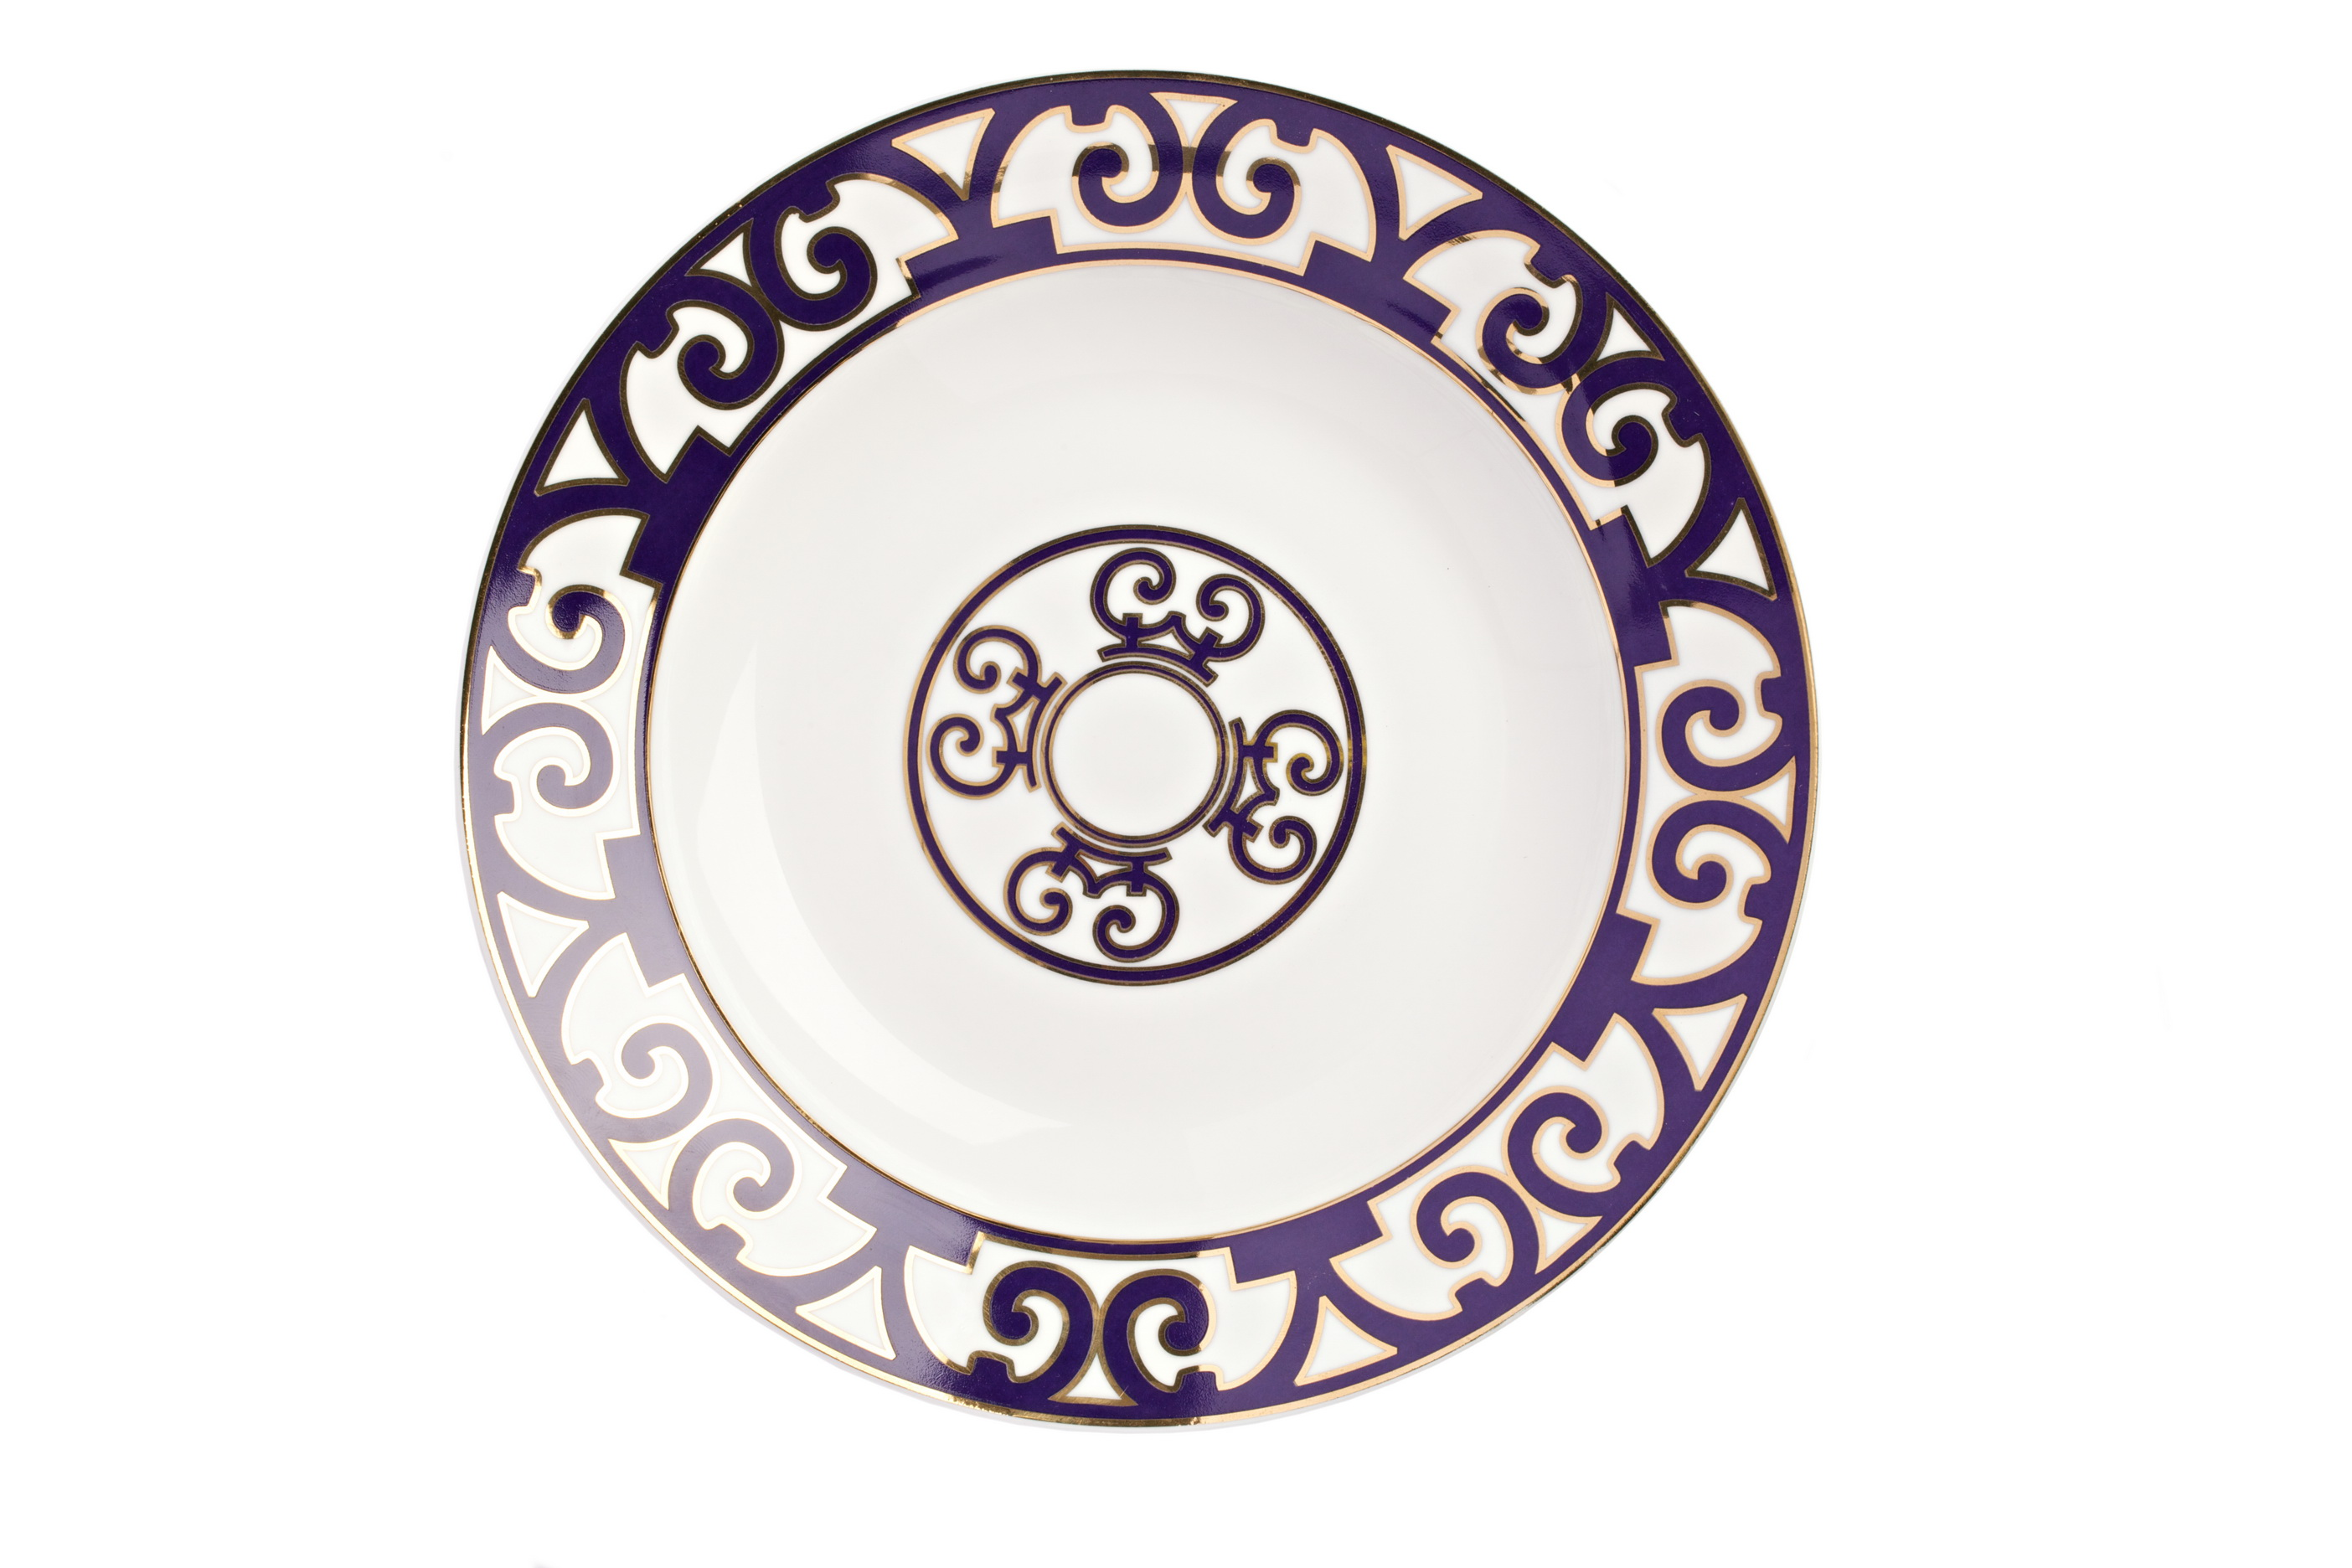 Тарелка для супа Violet DreamsДекоративные тарелки<br>Классическая суповая тарелка серии «Violet Dreams» выполнена из тончайшего костяного фарфора и украшена оригинальным восточным орнаментом в темно-фиолетовых тонах. Она великолепно смотрится как самостоятельный предмет сервировки, а также в сочетании с другими изделиями серии «Фиолетовые сны».<br><br>Material: Фарфор<br>Depth см: 1.5<br>Height см: None<br>Diameter см: 21